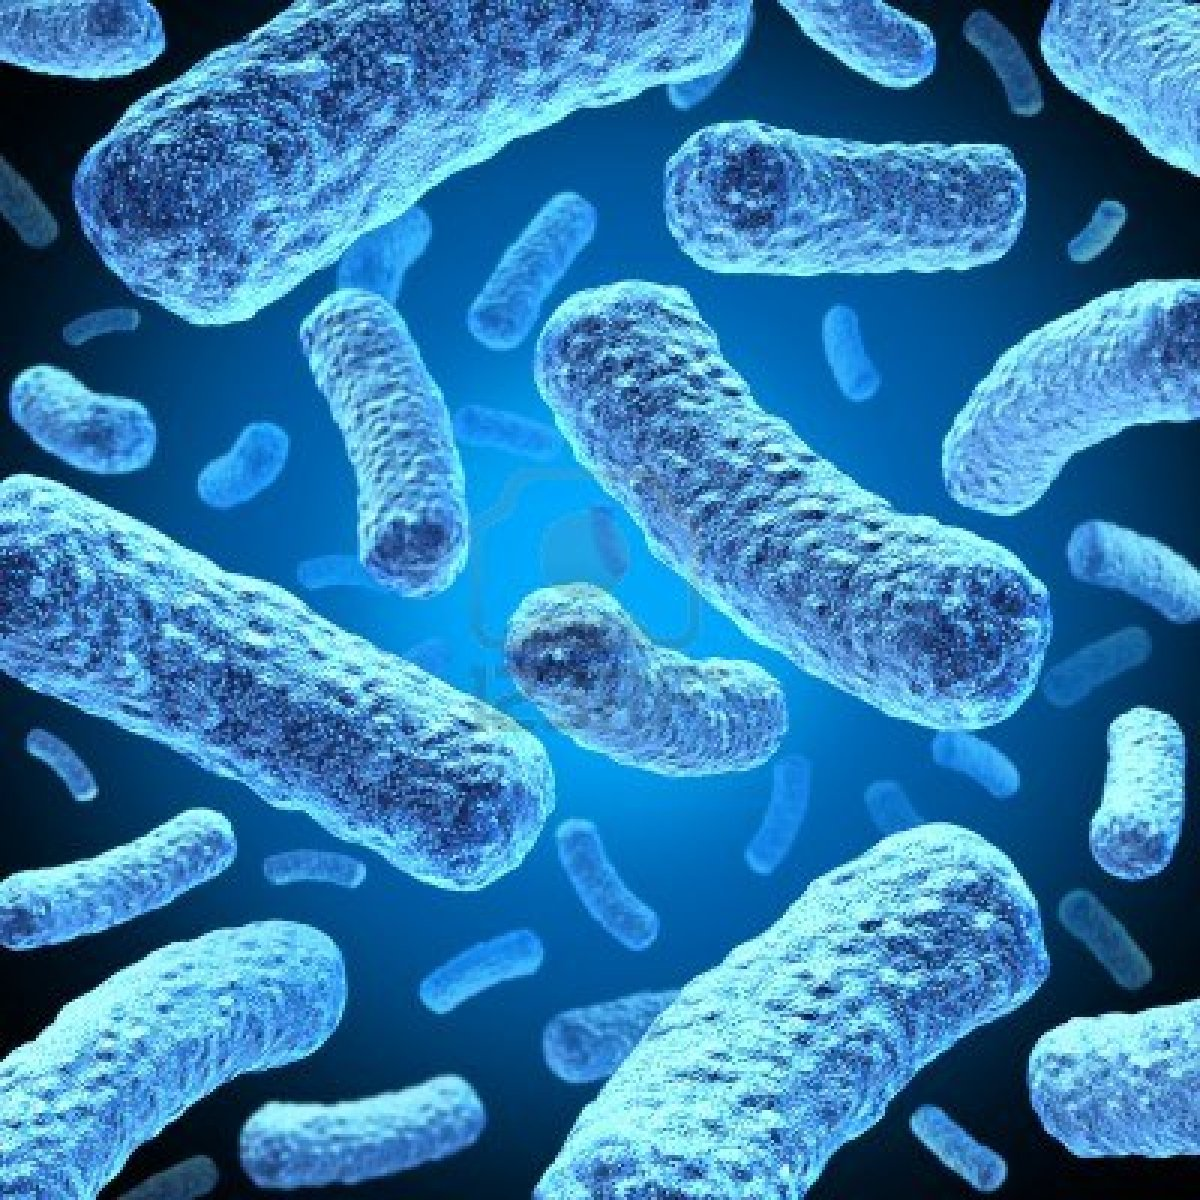 fotos-de-bacterias